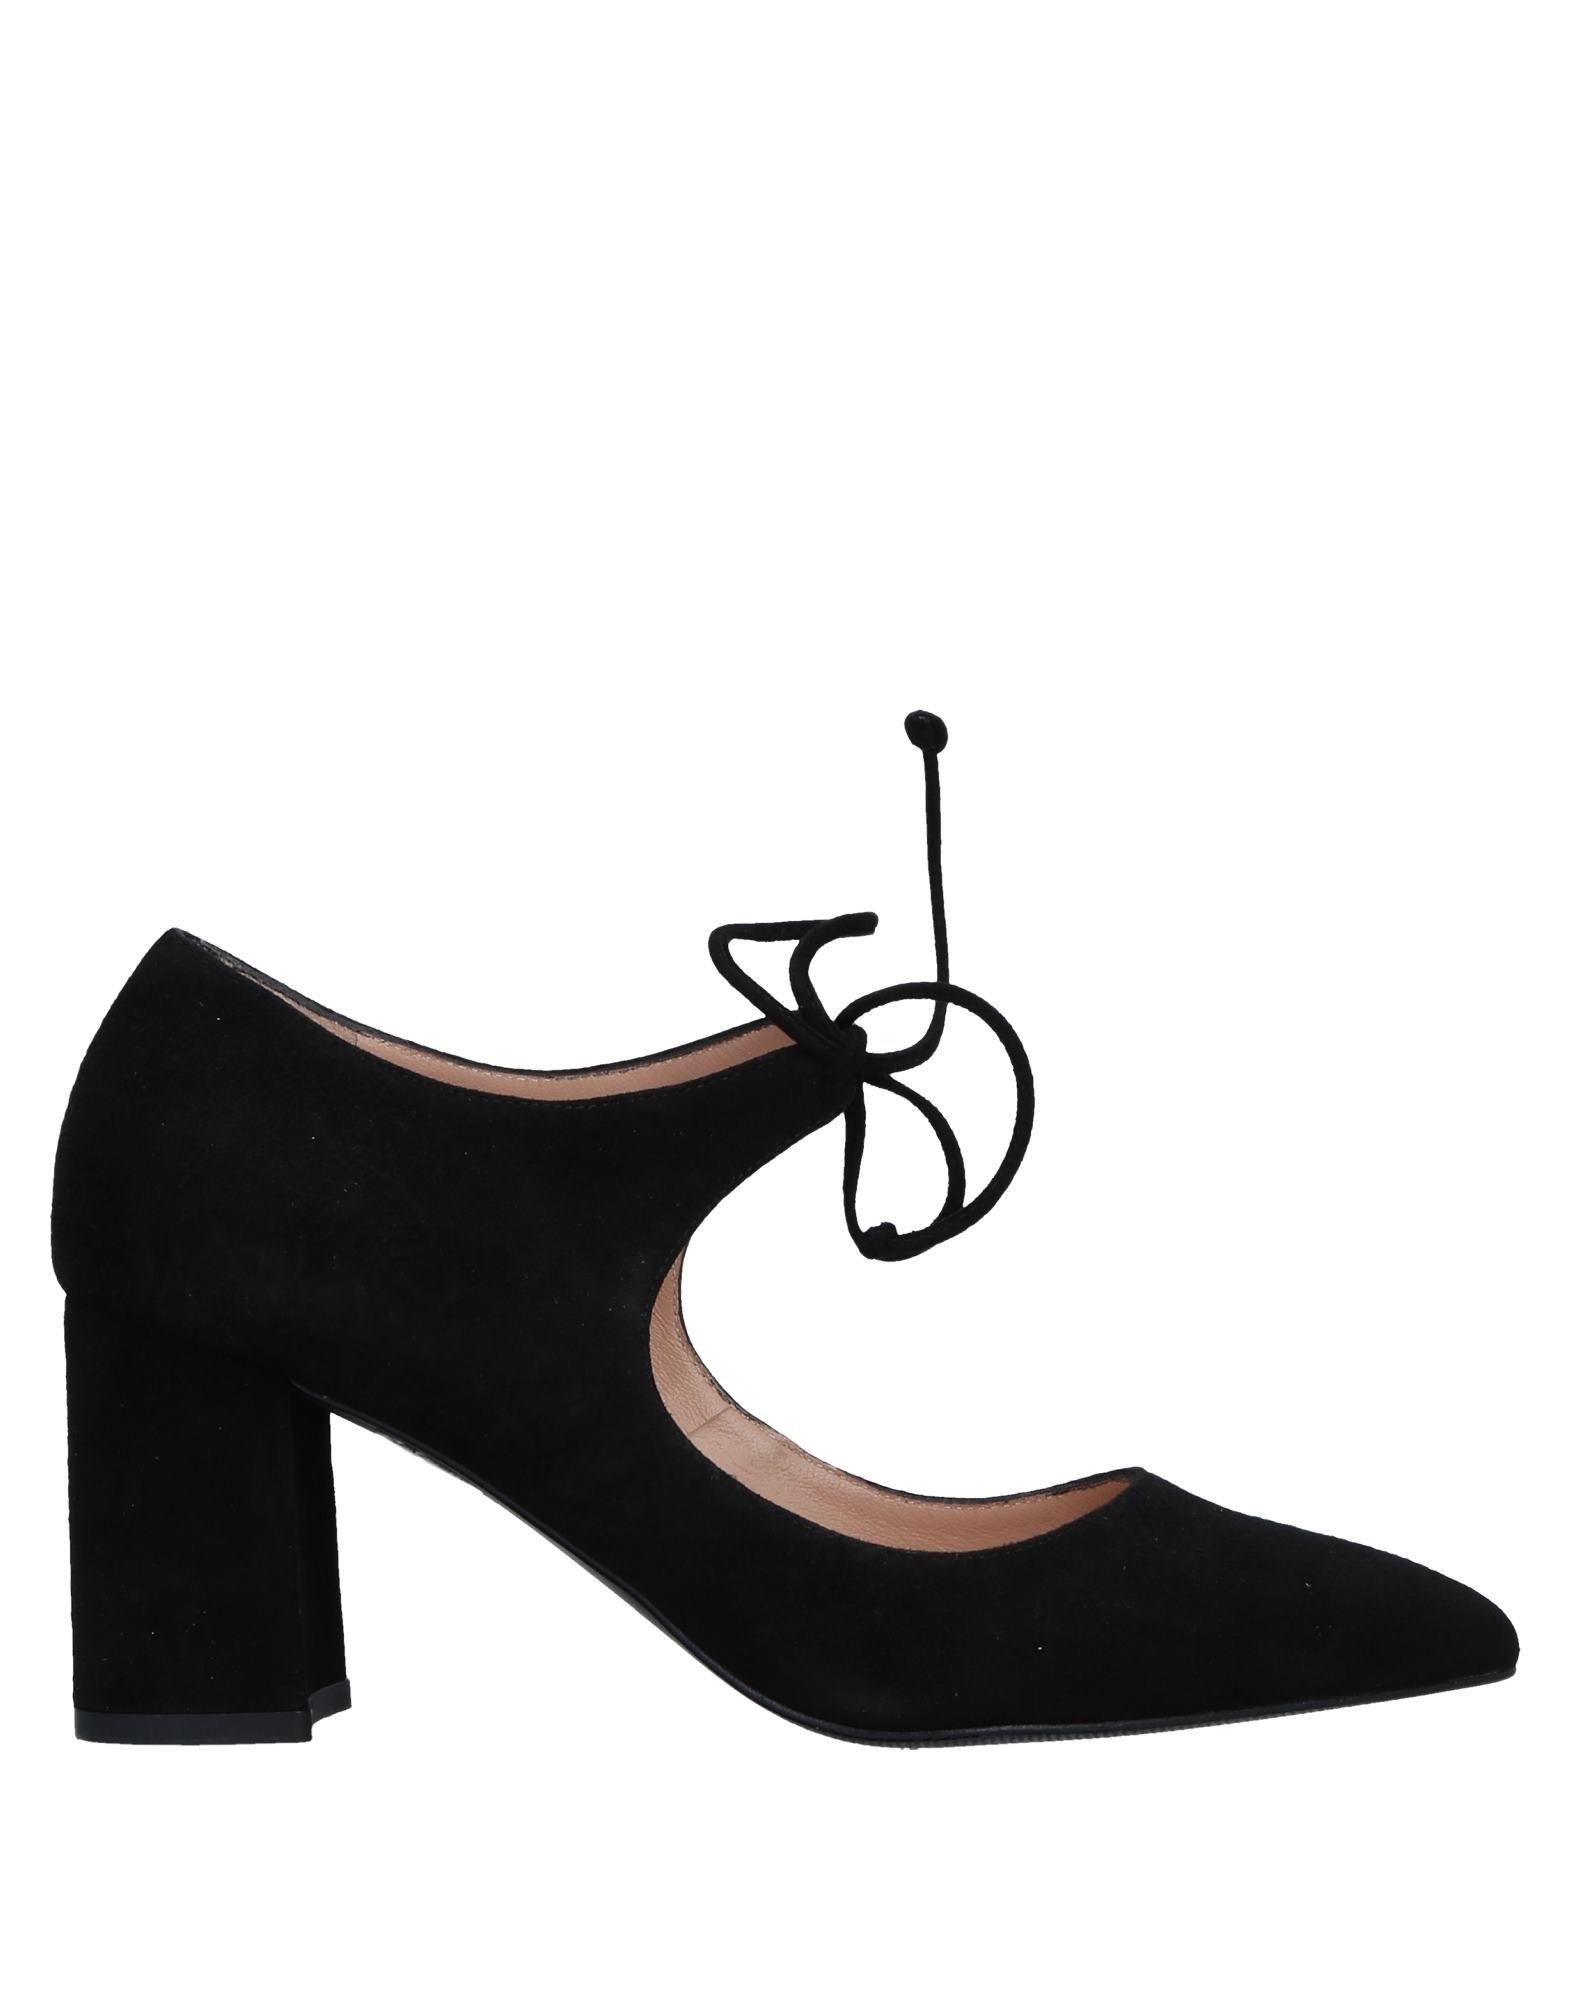 Haltbare Mode billige Schuhe C.Waldorf Pumps Damen  11534185RI Heiße Schuhe